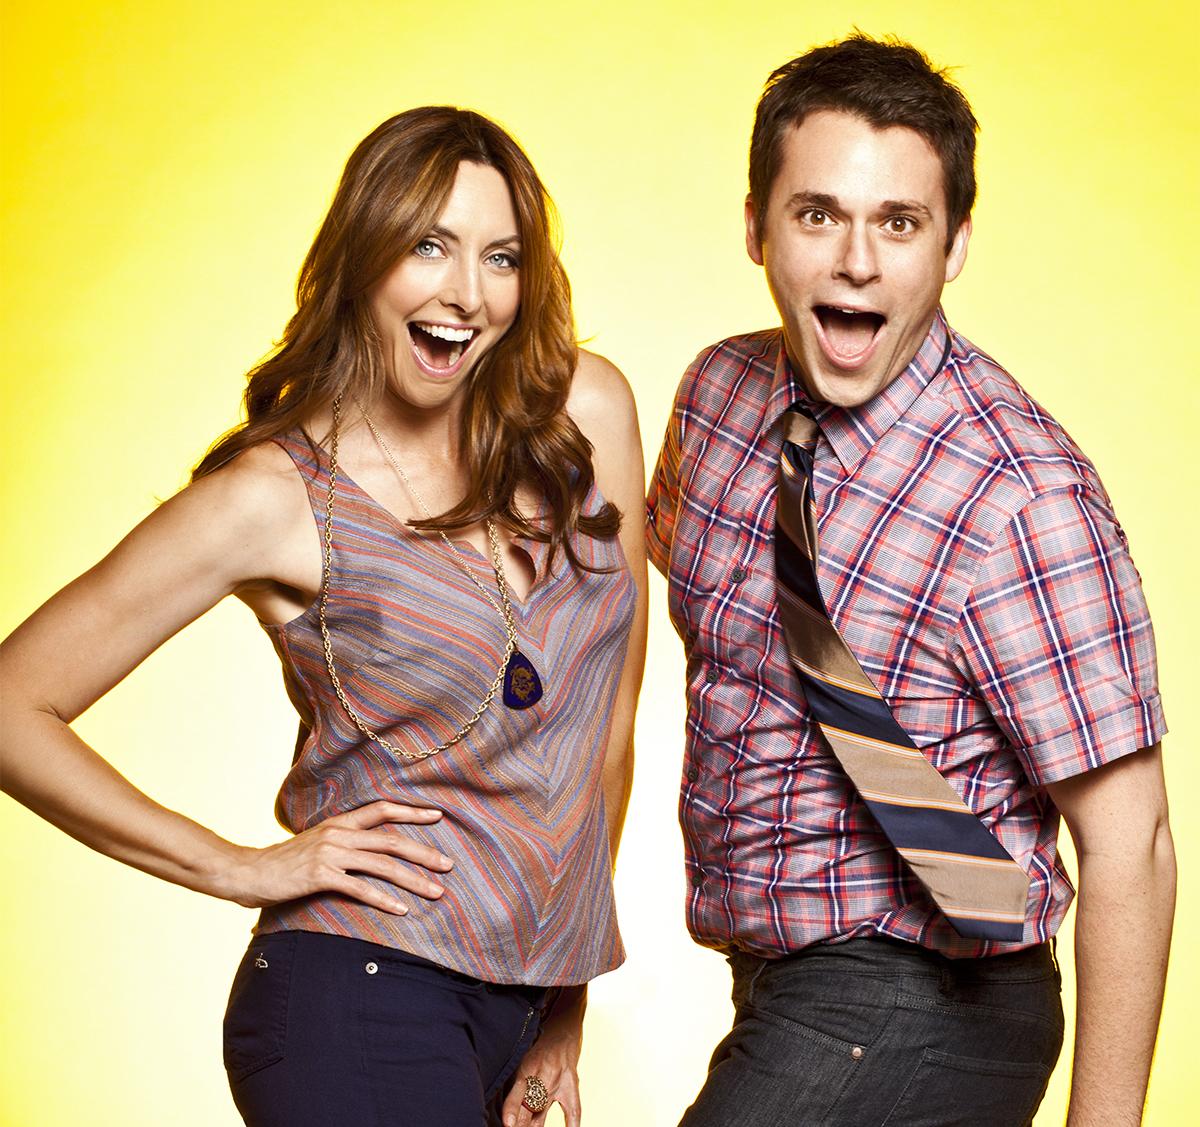 Erin Gibson and Bryan Safi